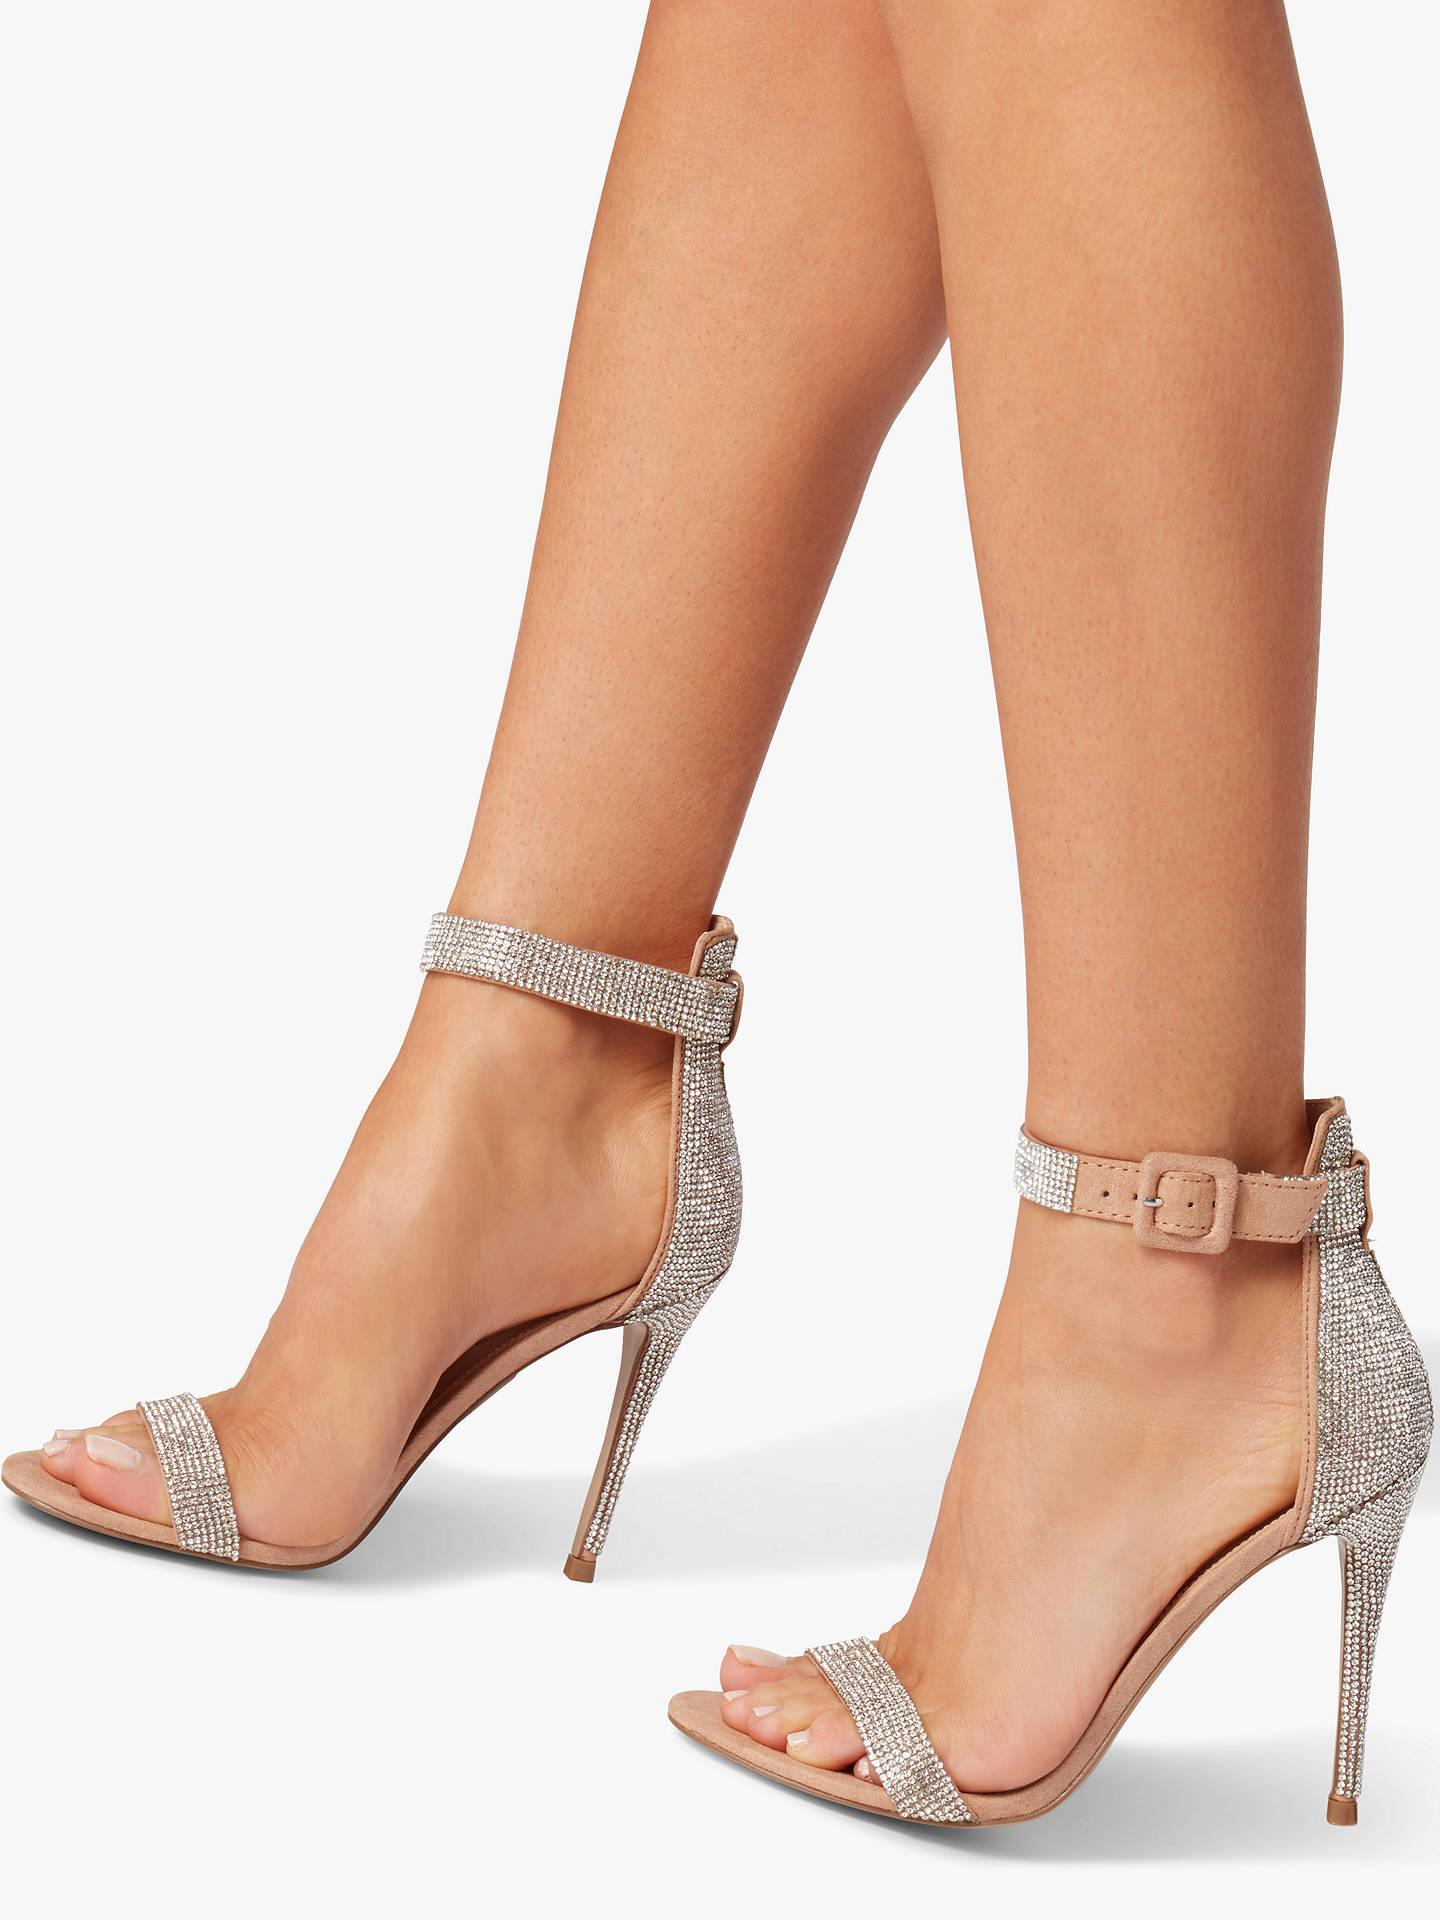 be28257dc95 ... Buy Steve Madden Mischa Embellished Ankle Strap Heeled Sandals